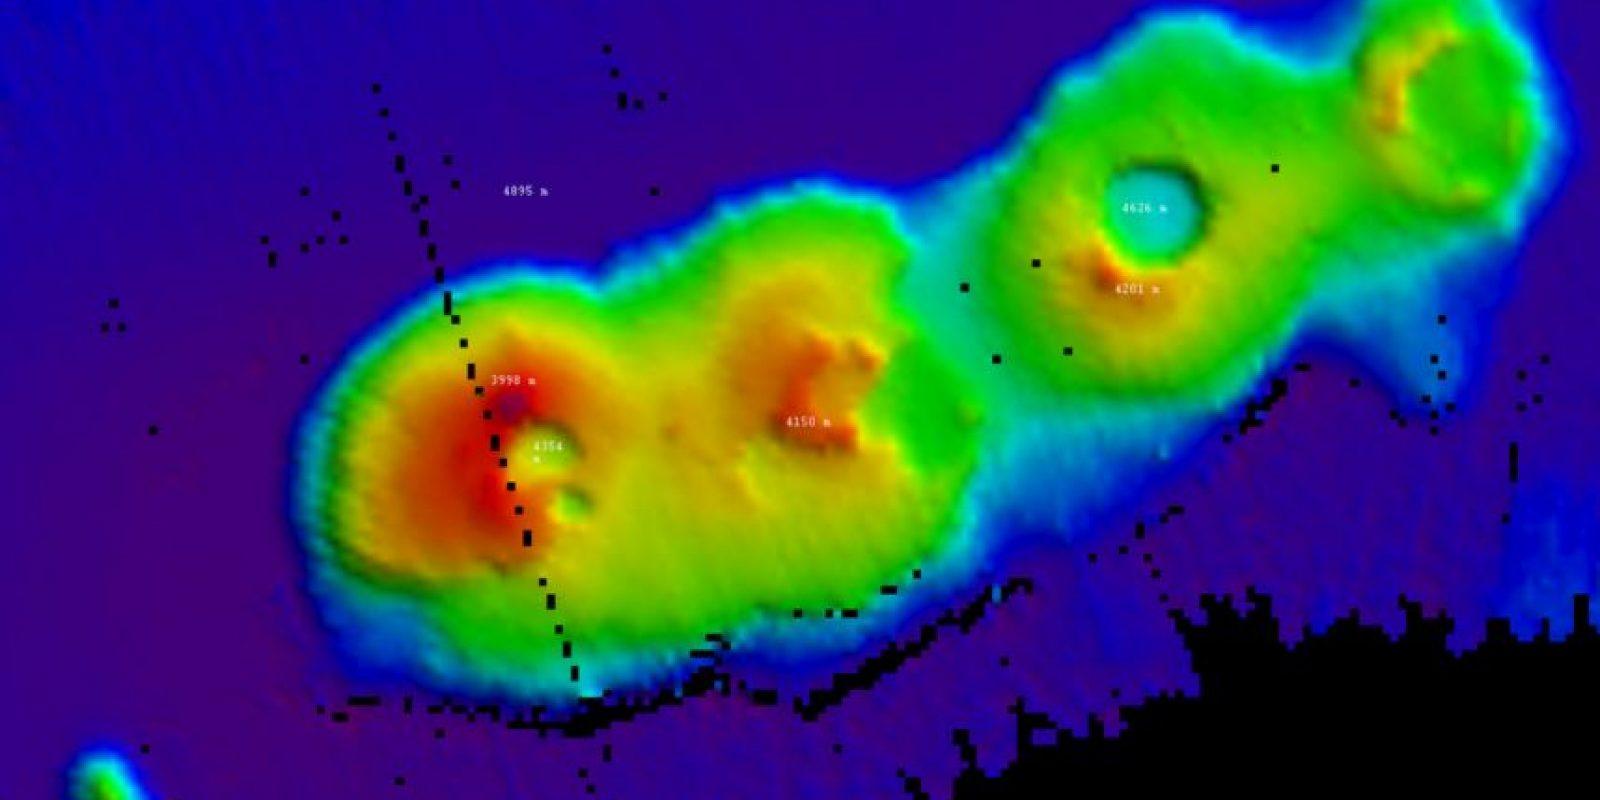 Científicos de la Universidad de Nueva Gales del Sur hicieron el descubrimiento a 250 kilómetros de la costa de Sydney. Foto:Vía csiro.au